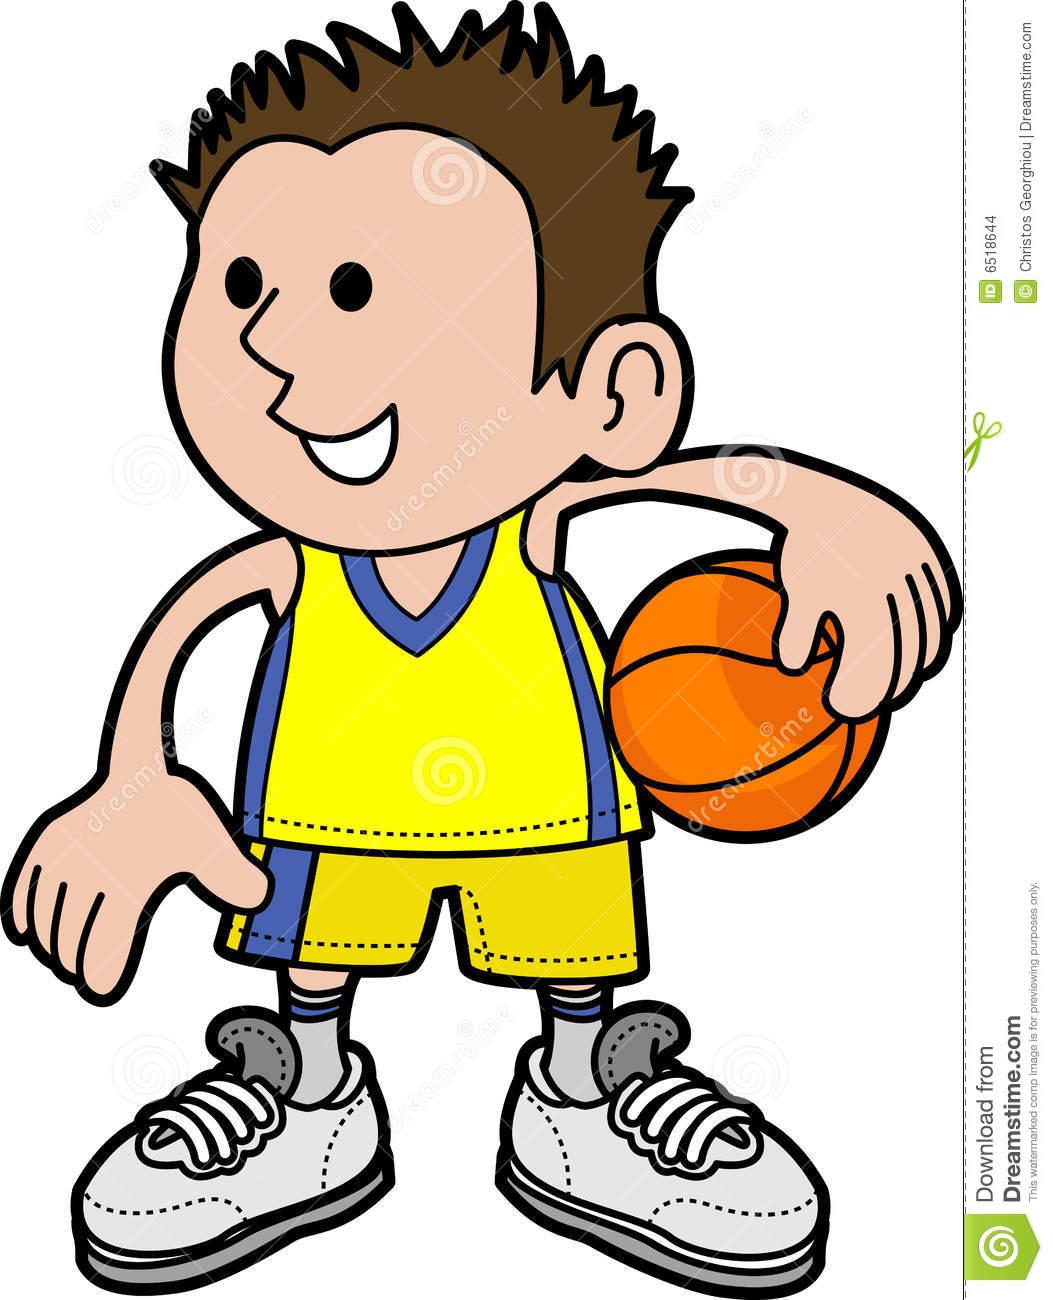 Basketball Player Shooting Clipart-basketball player shooting clipart-3